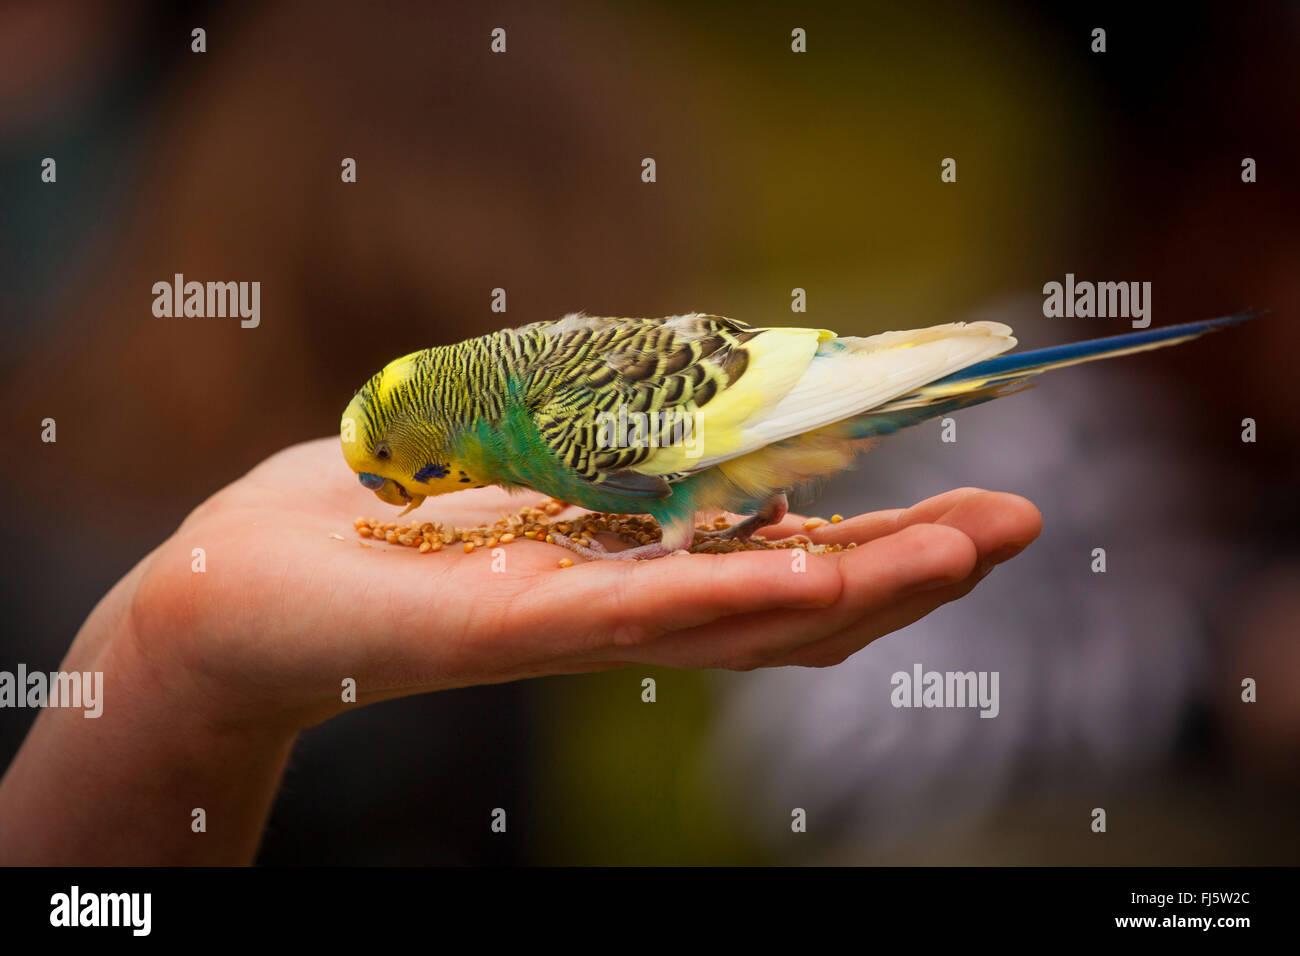 Wellensittich, Wellensittich, Wellensittich (Melopsittacus Undulatus), sanfte Wellensittich sitzt auf einer Hand Stockbild